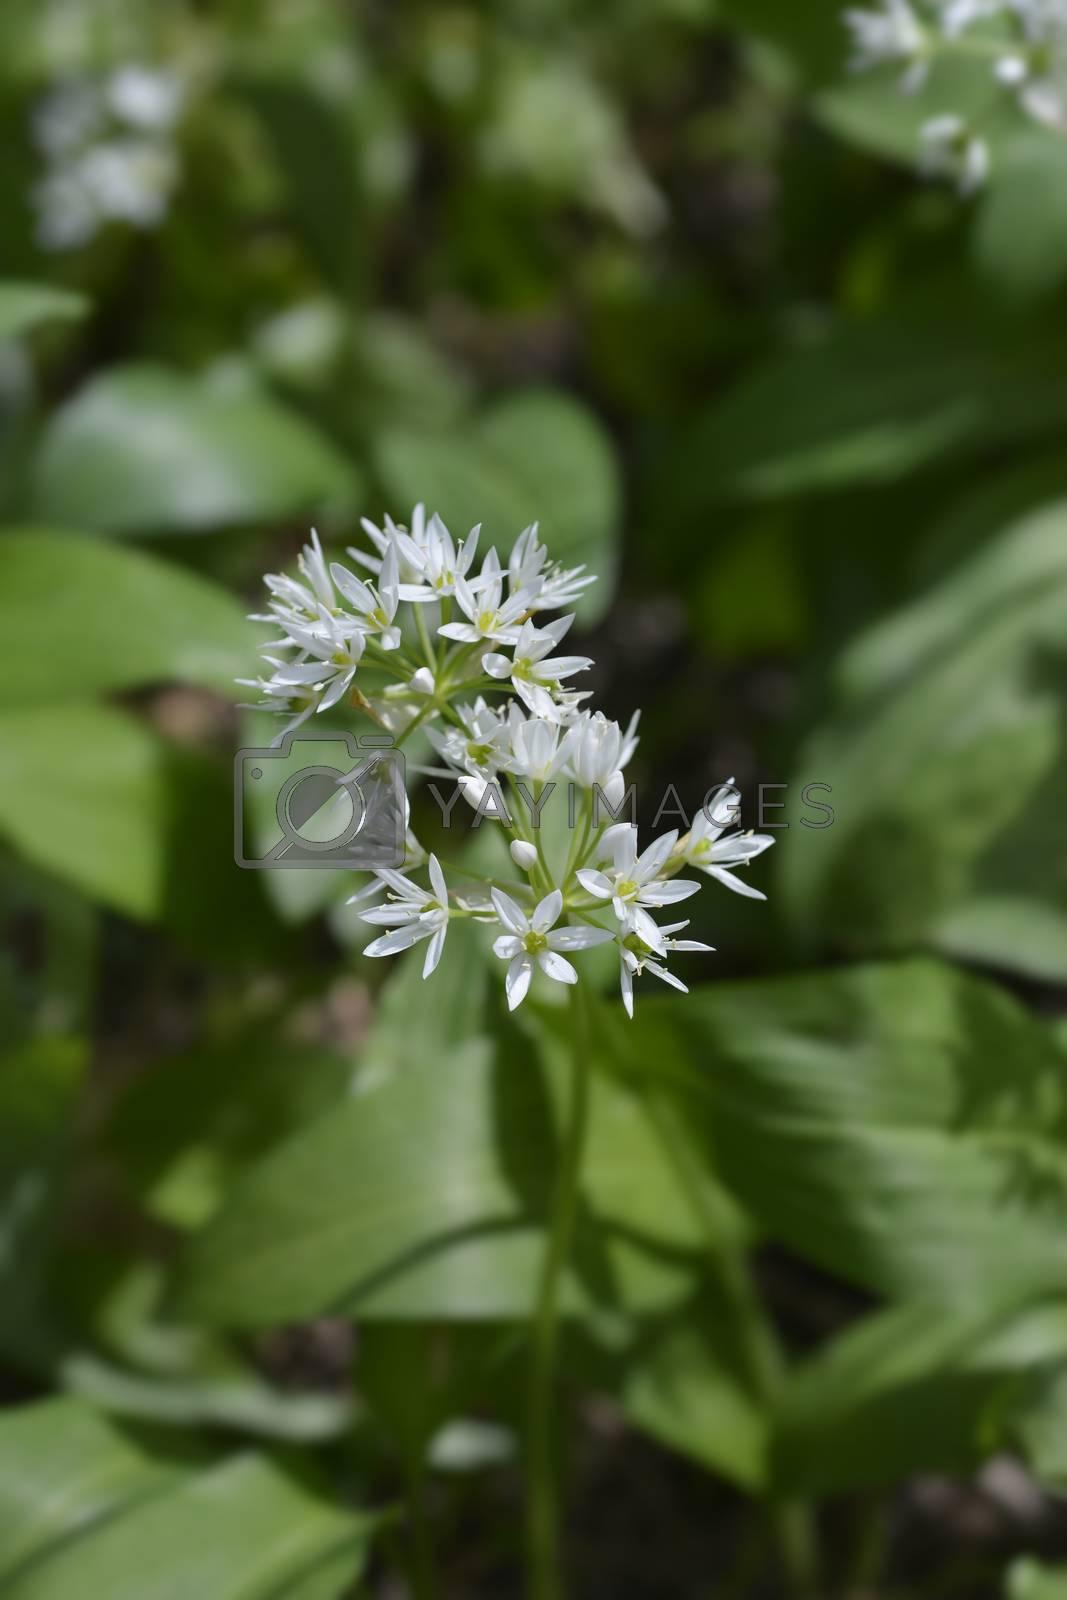 Wild garlic flower - Latin name - Allium ursinum